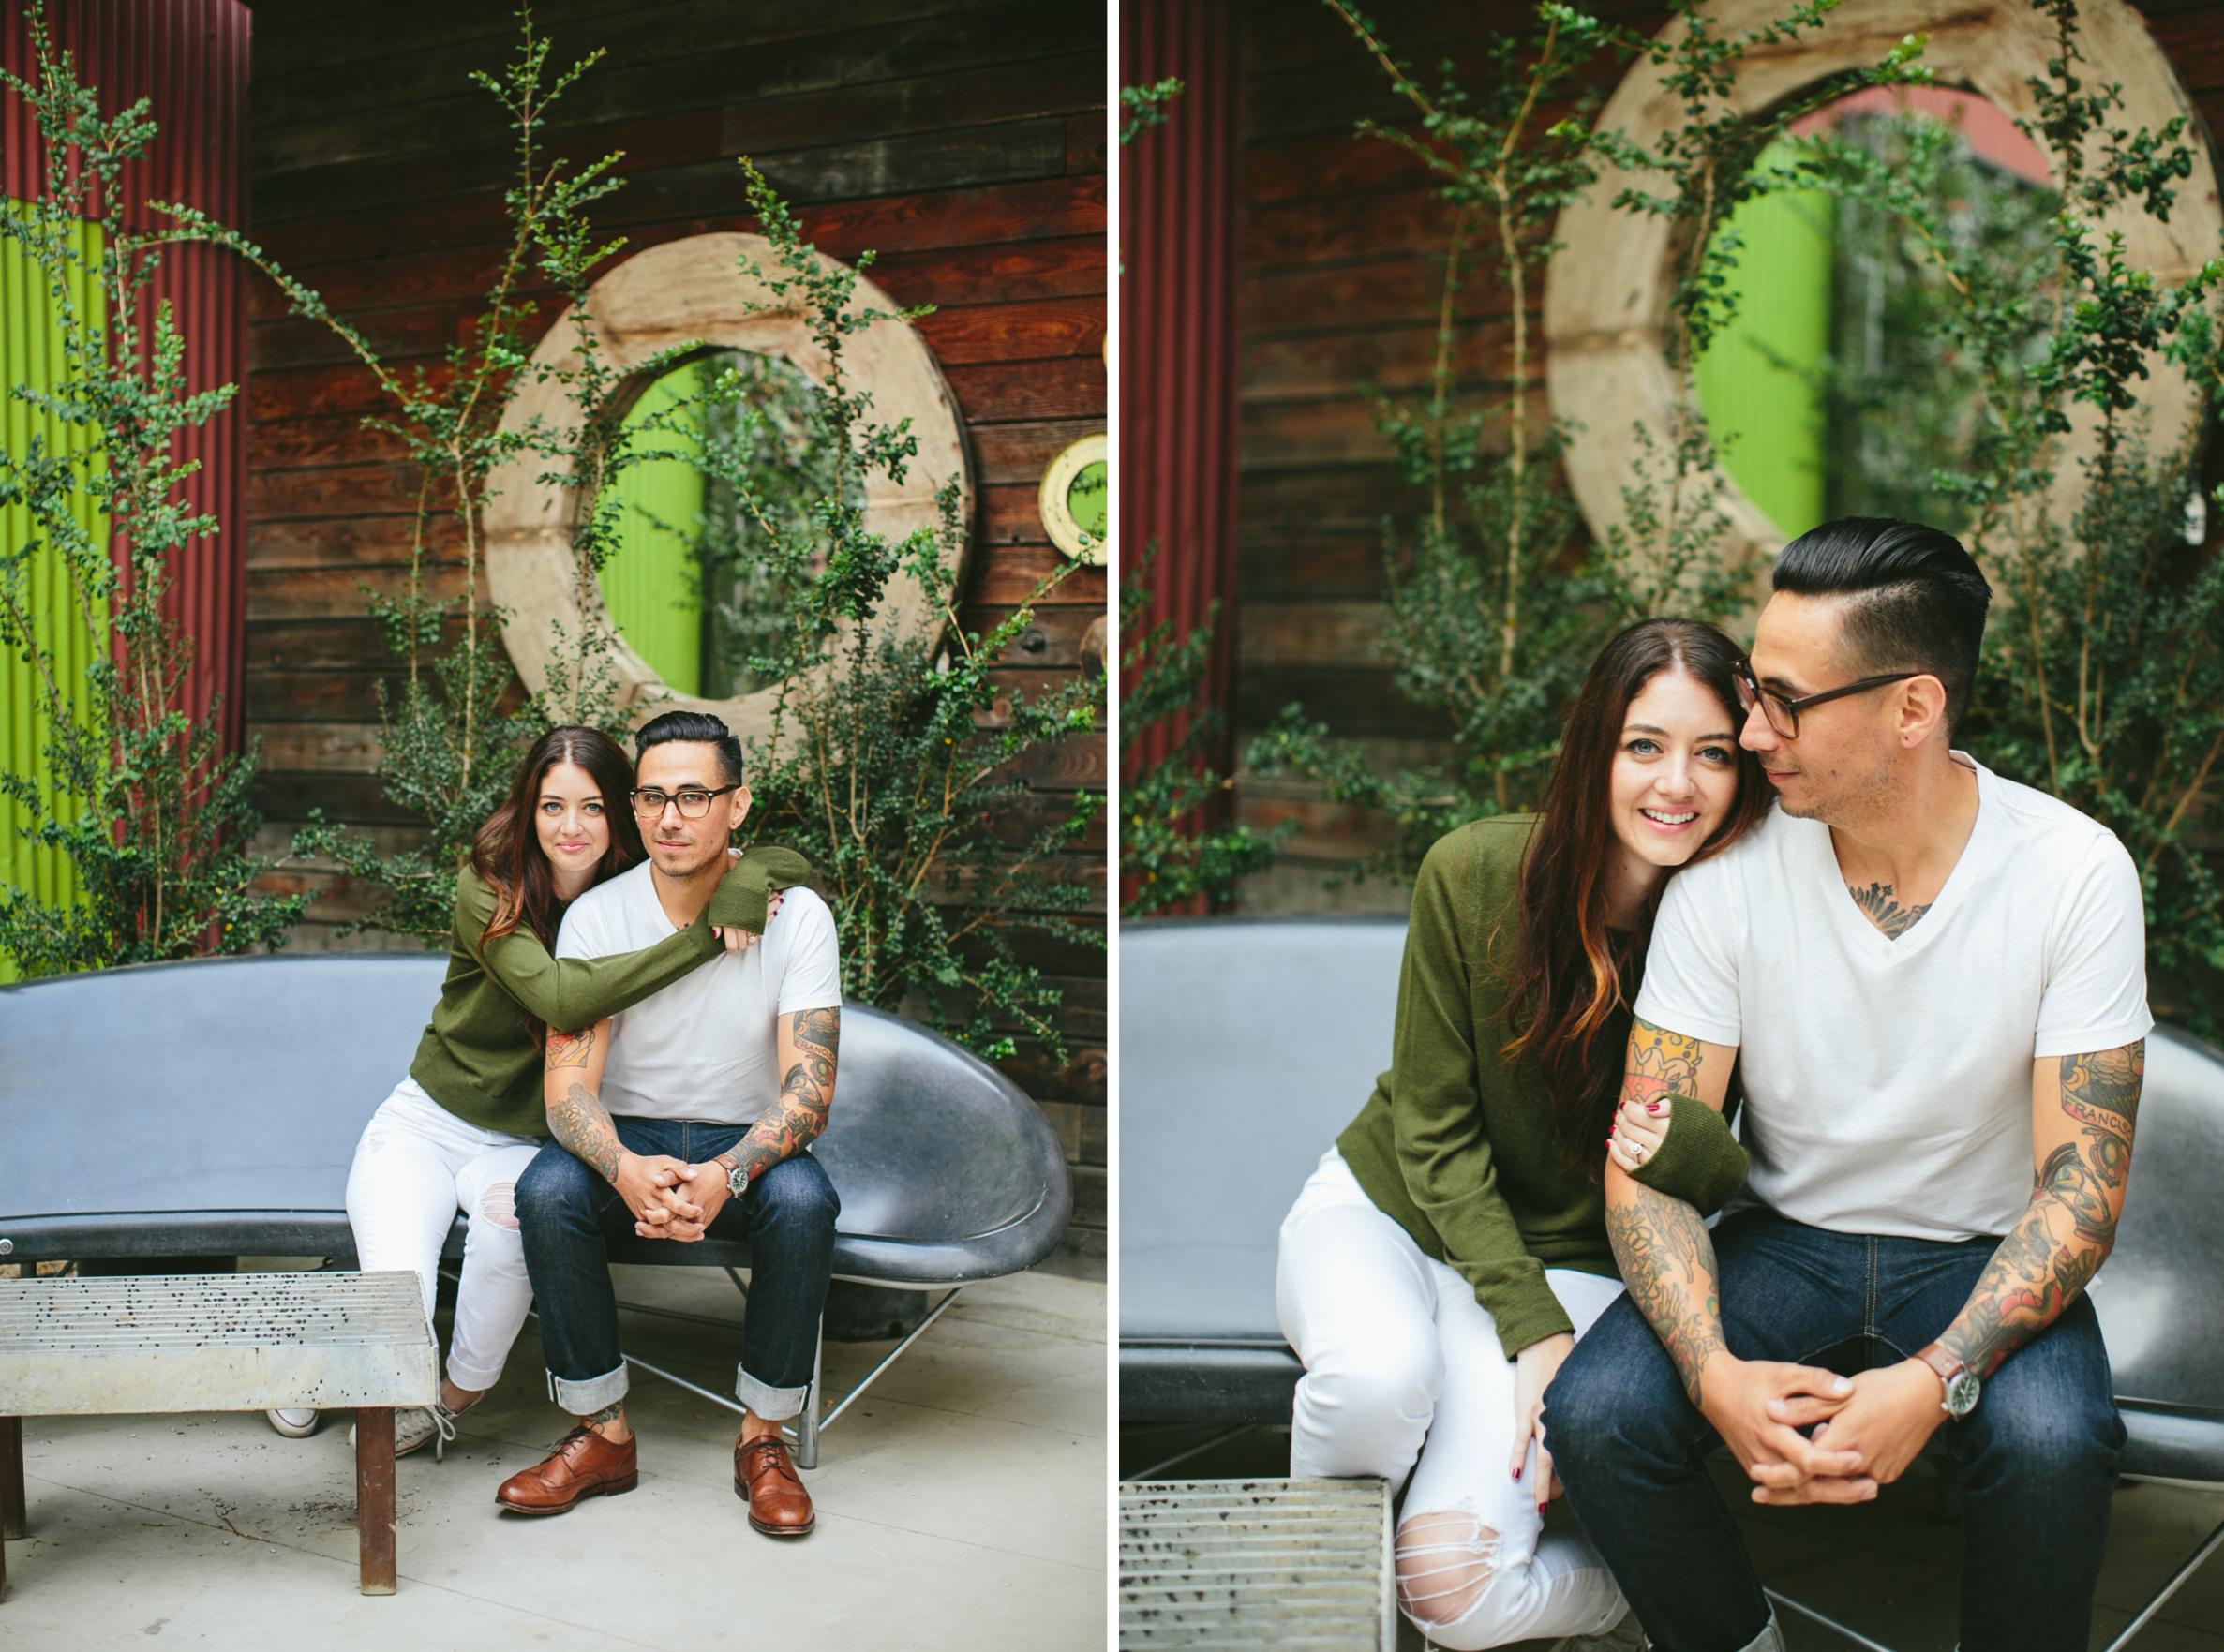 *Jenilee+Steven-BLOG_WEB Page 1